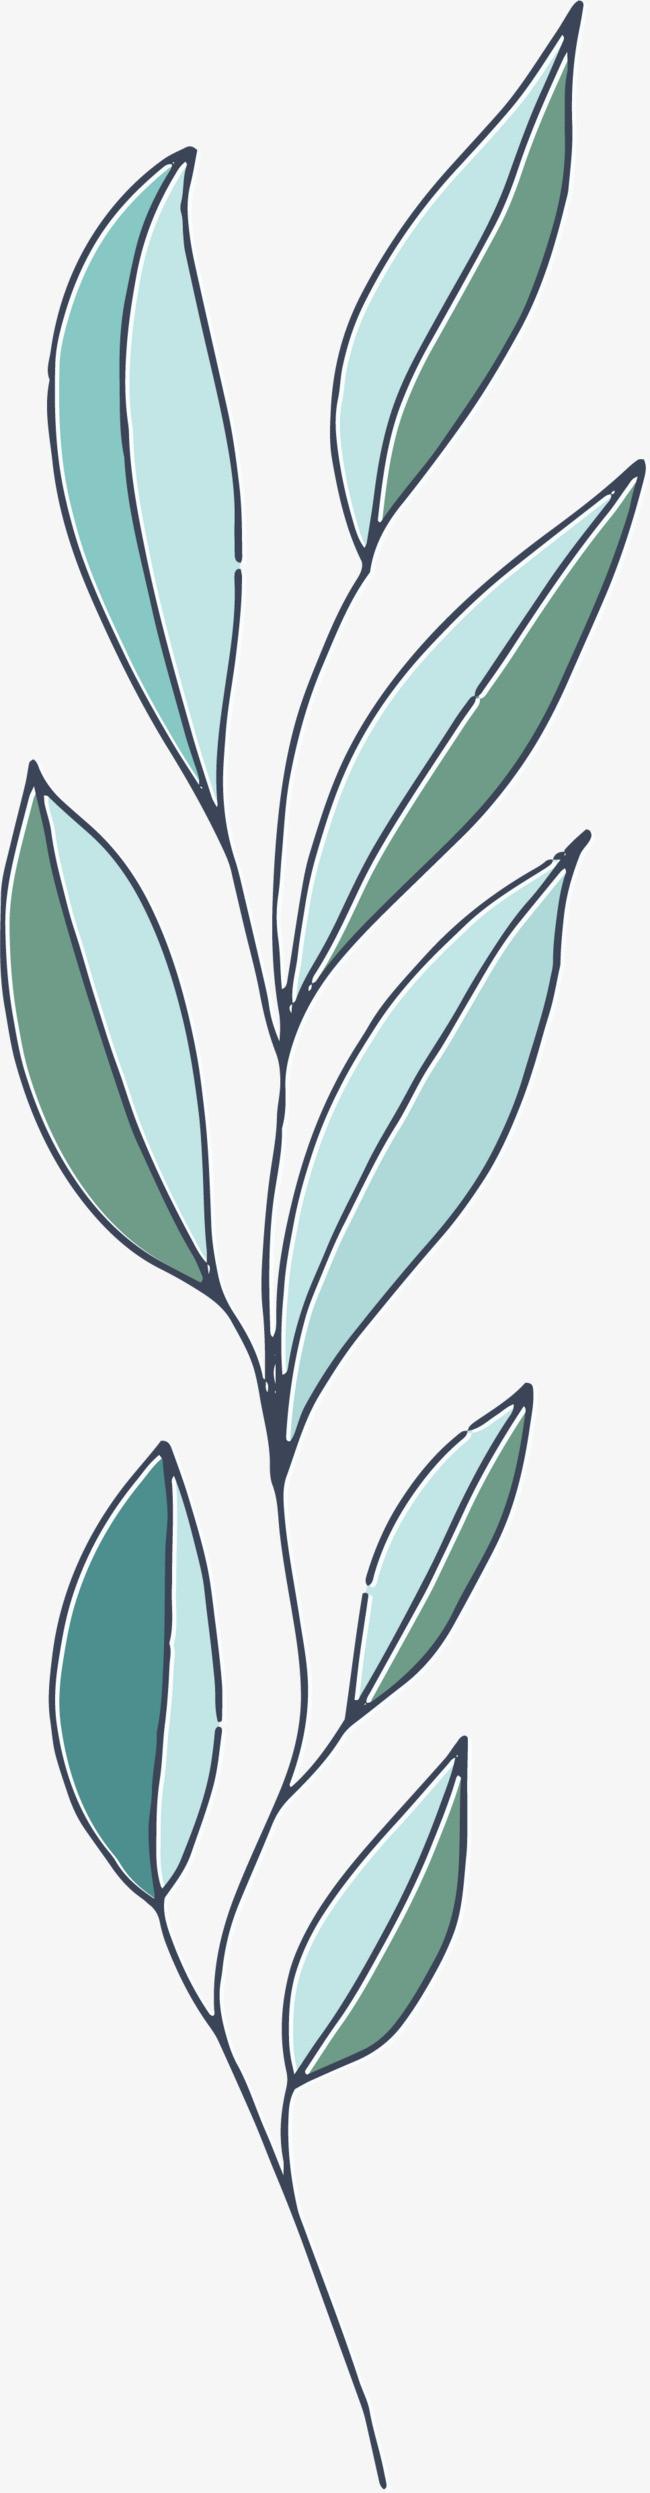 卡通绿叶装饰手绘文艺小清新